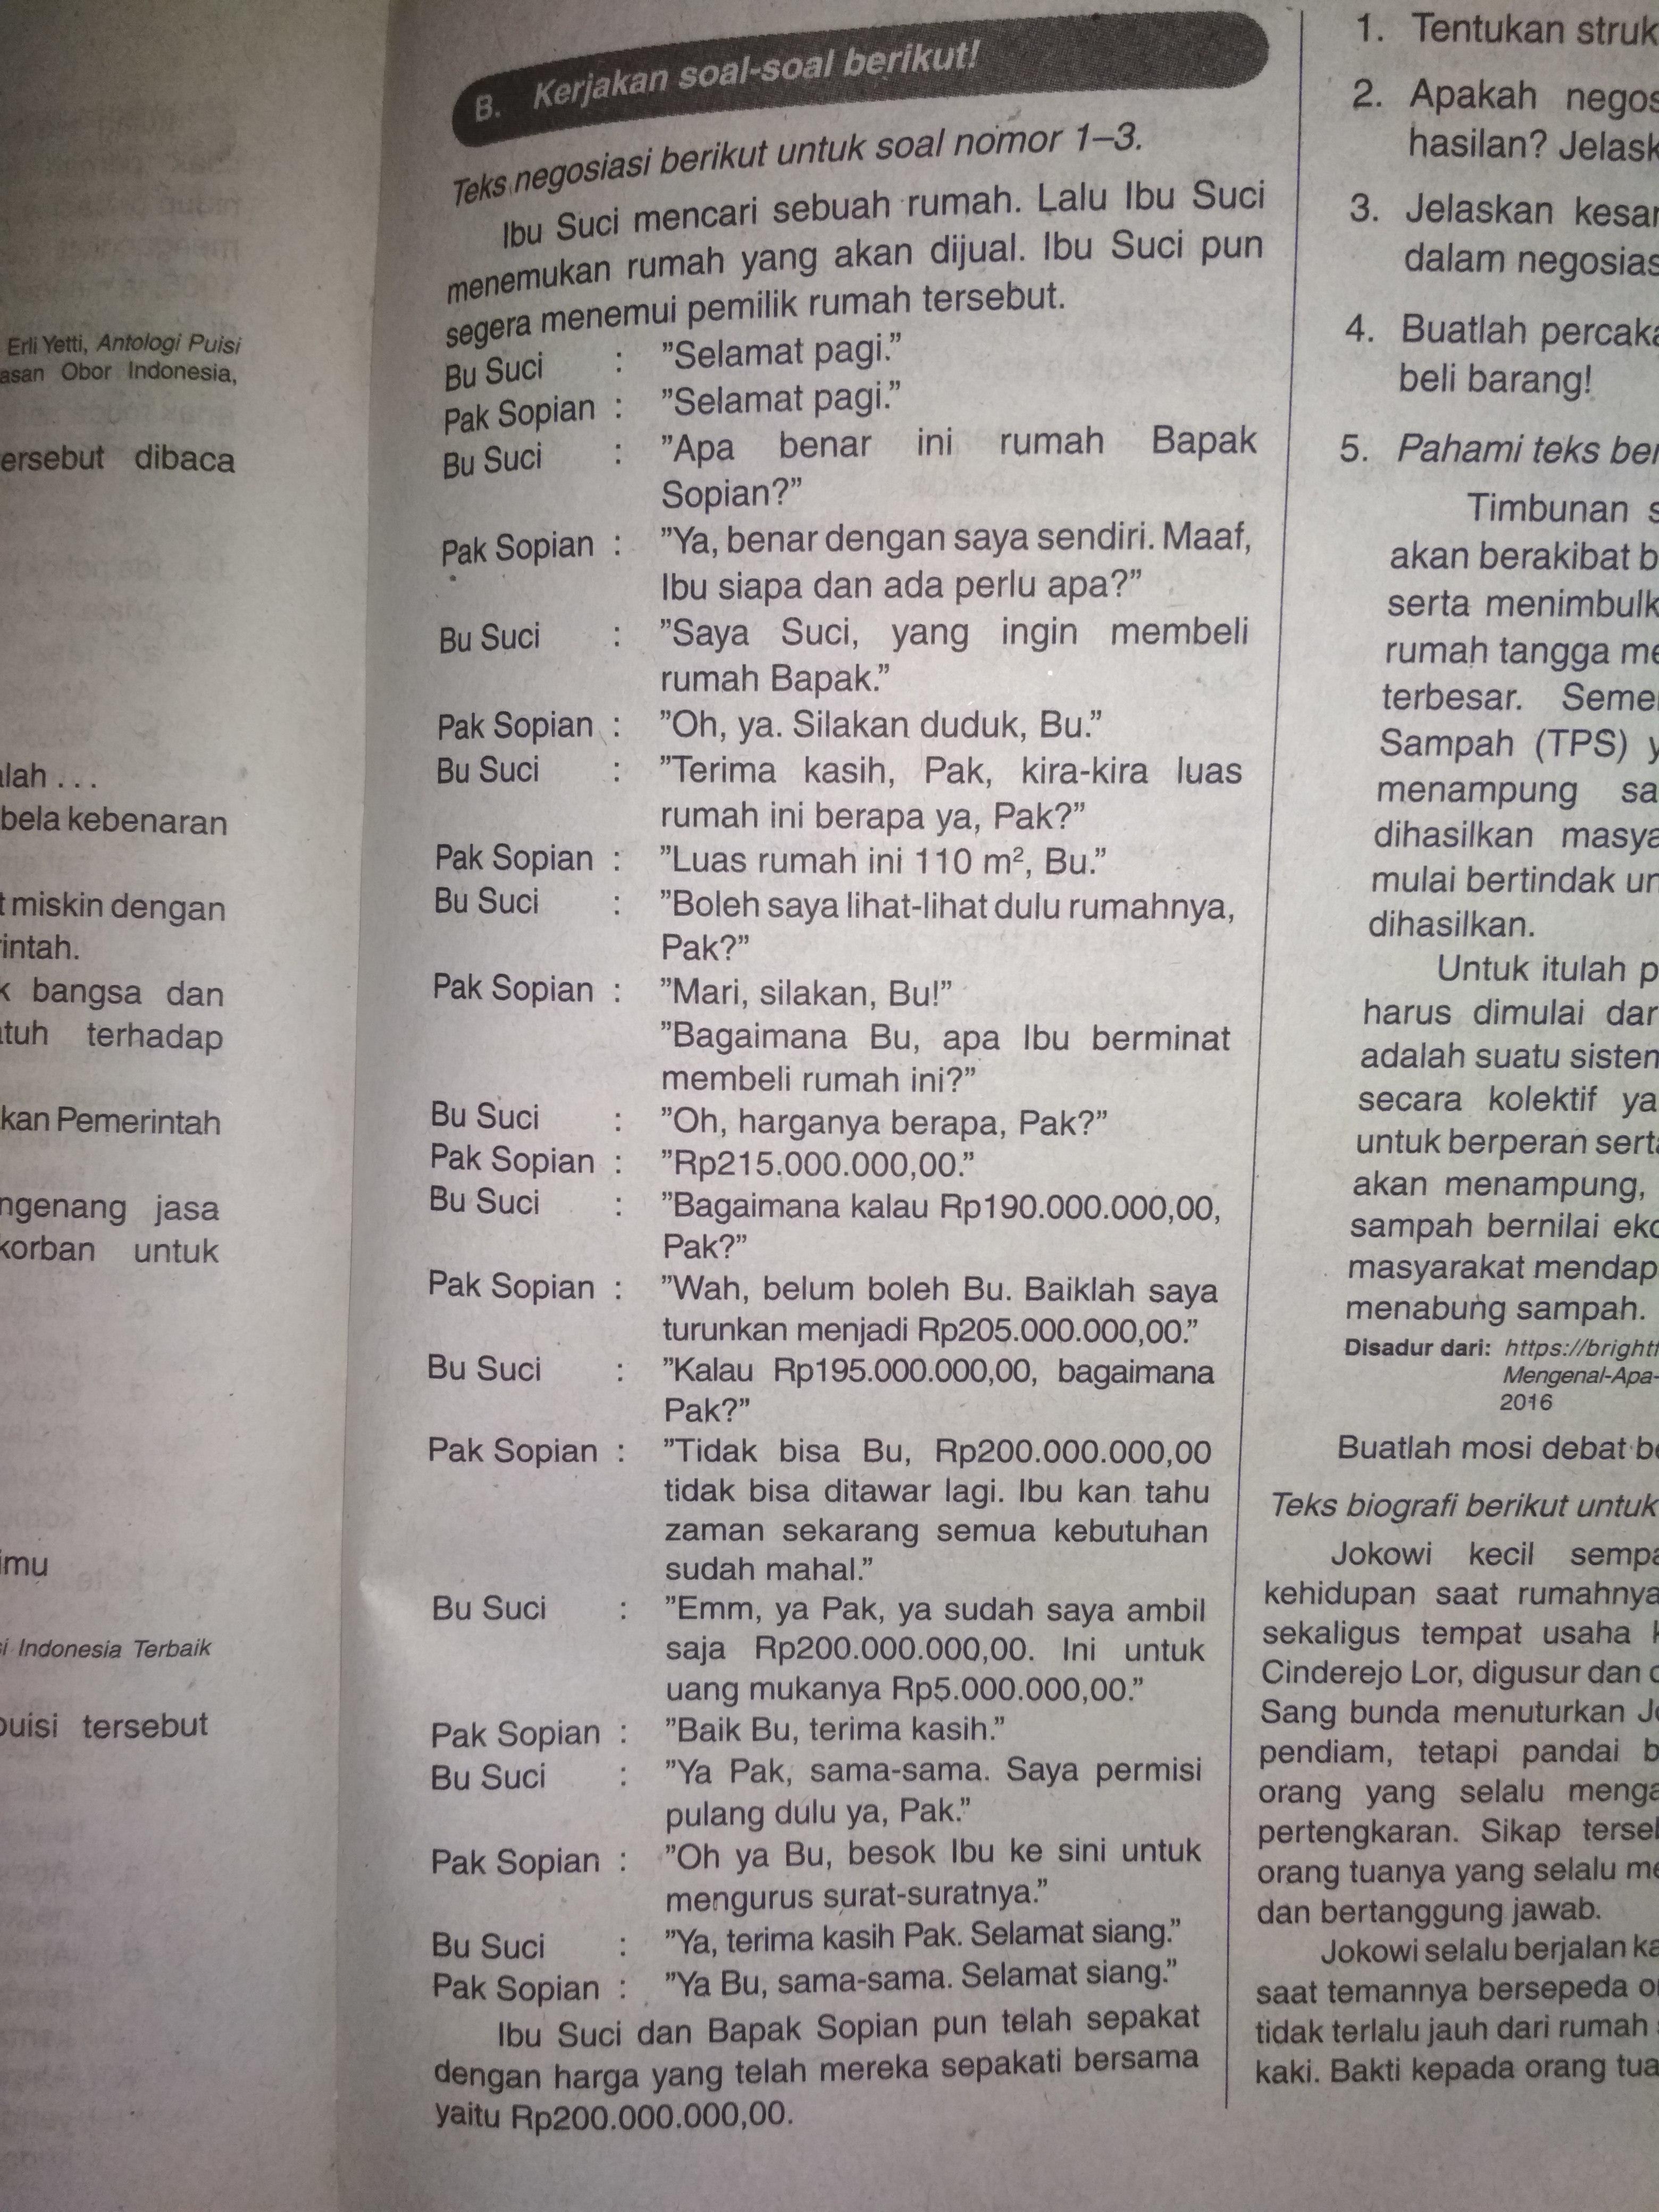 Teks Negosiasi Singkat : negosiasi, singkat, Tentukan, Struktur, Negosiasi, Tersebut?, Apakah, Tersebut, Mencapai, Keberhasilan?, Brainly.co.id